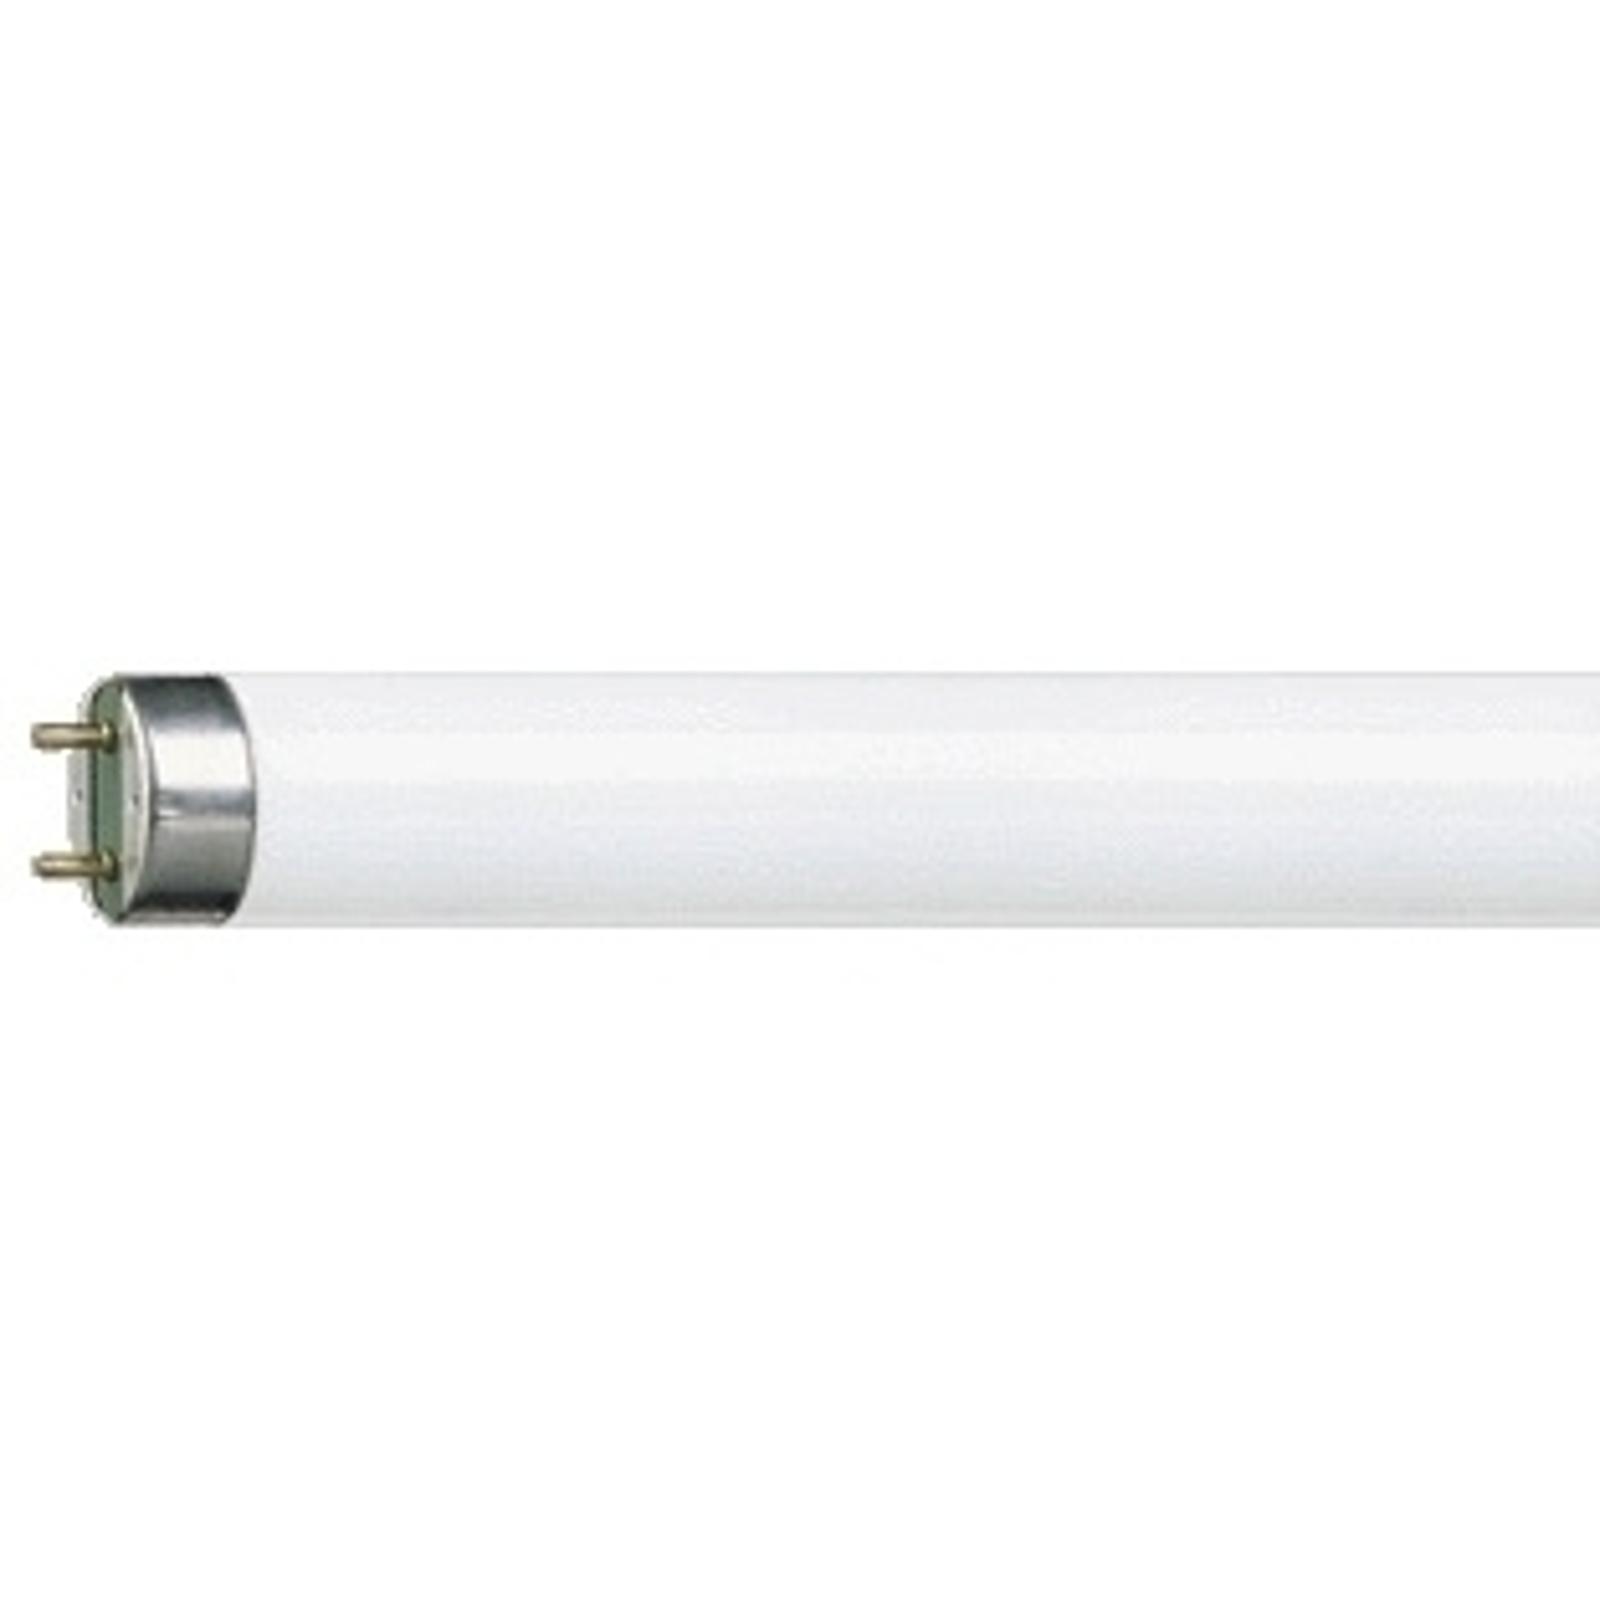 Leuchtstoffröhre G13 T8 14W MASTER TL-D Super 840